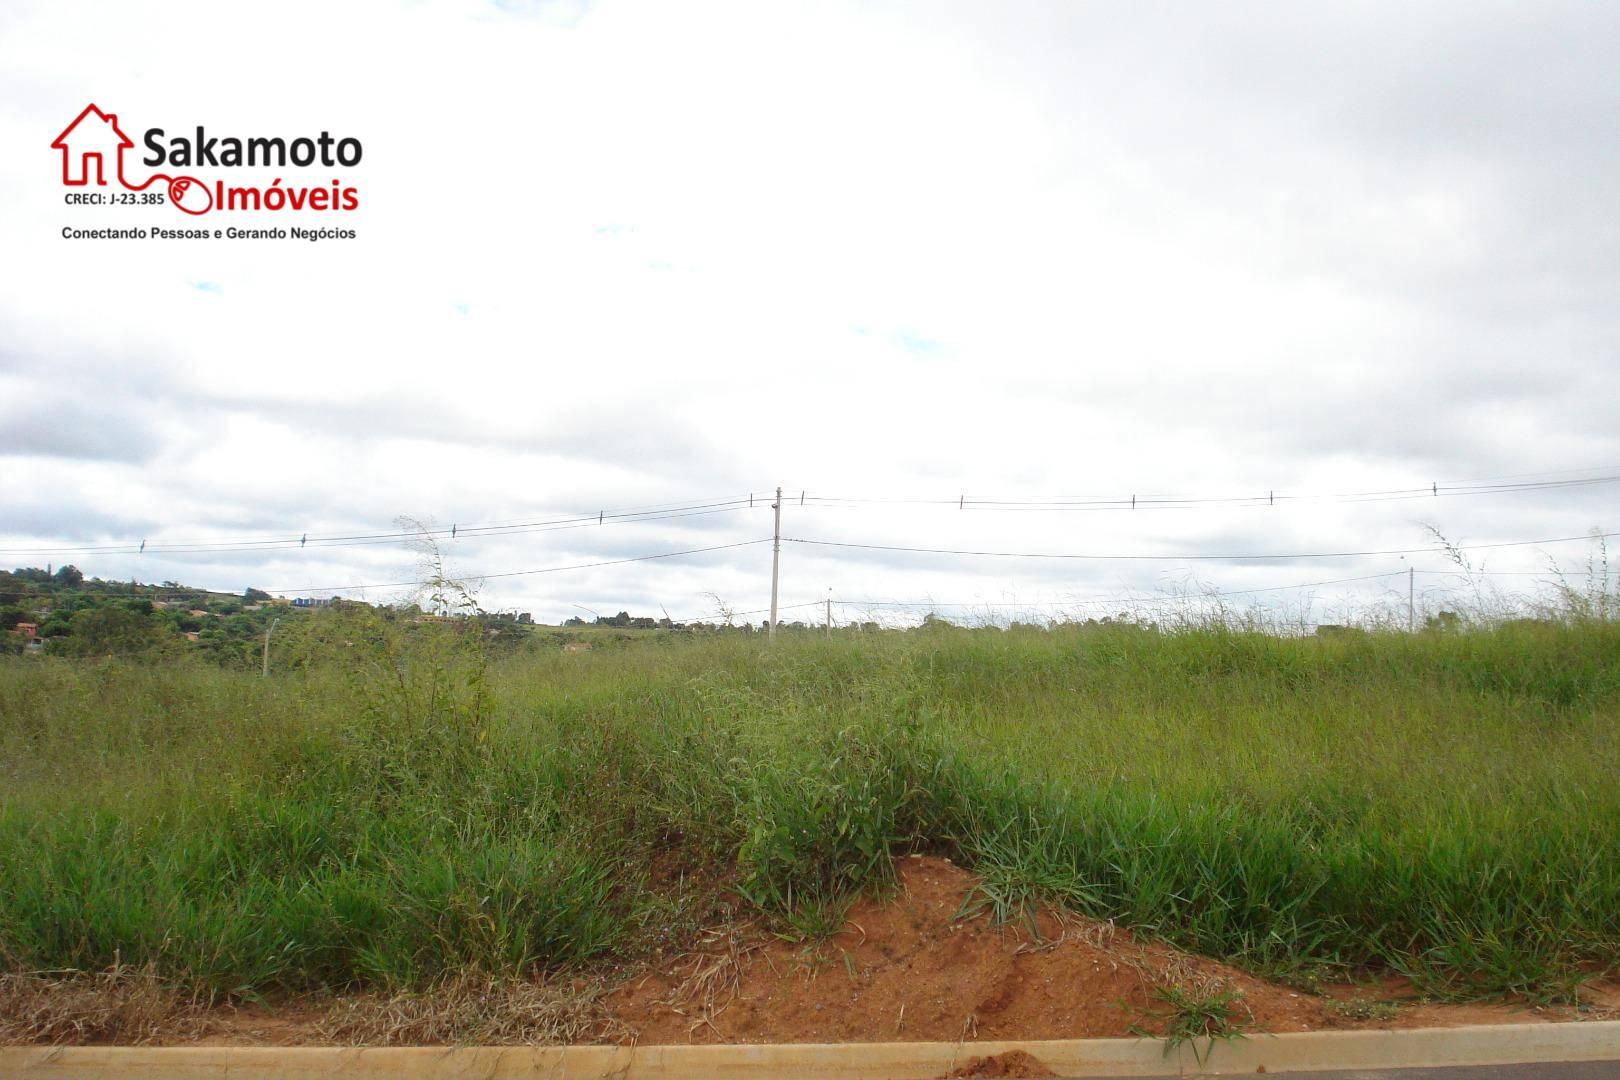 excelente terreno em loteamento no jd são lucas com completa infraestrutura e controle de acesso.250m², 10...